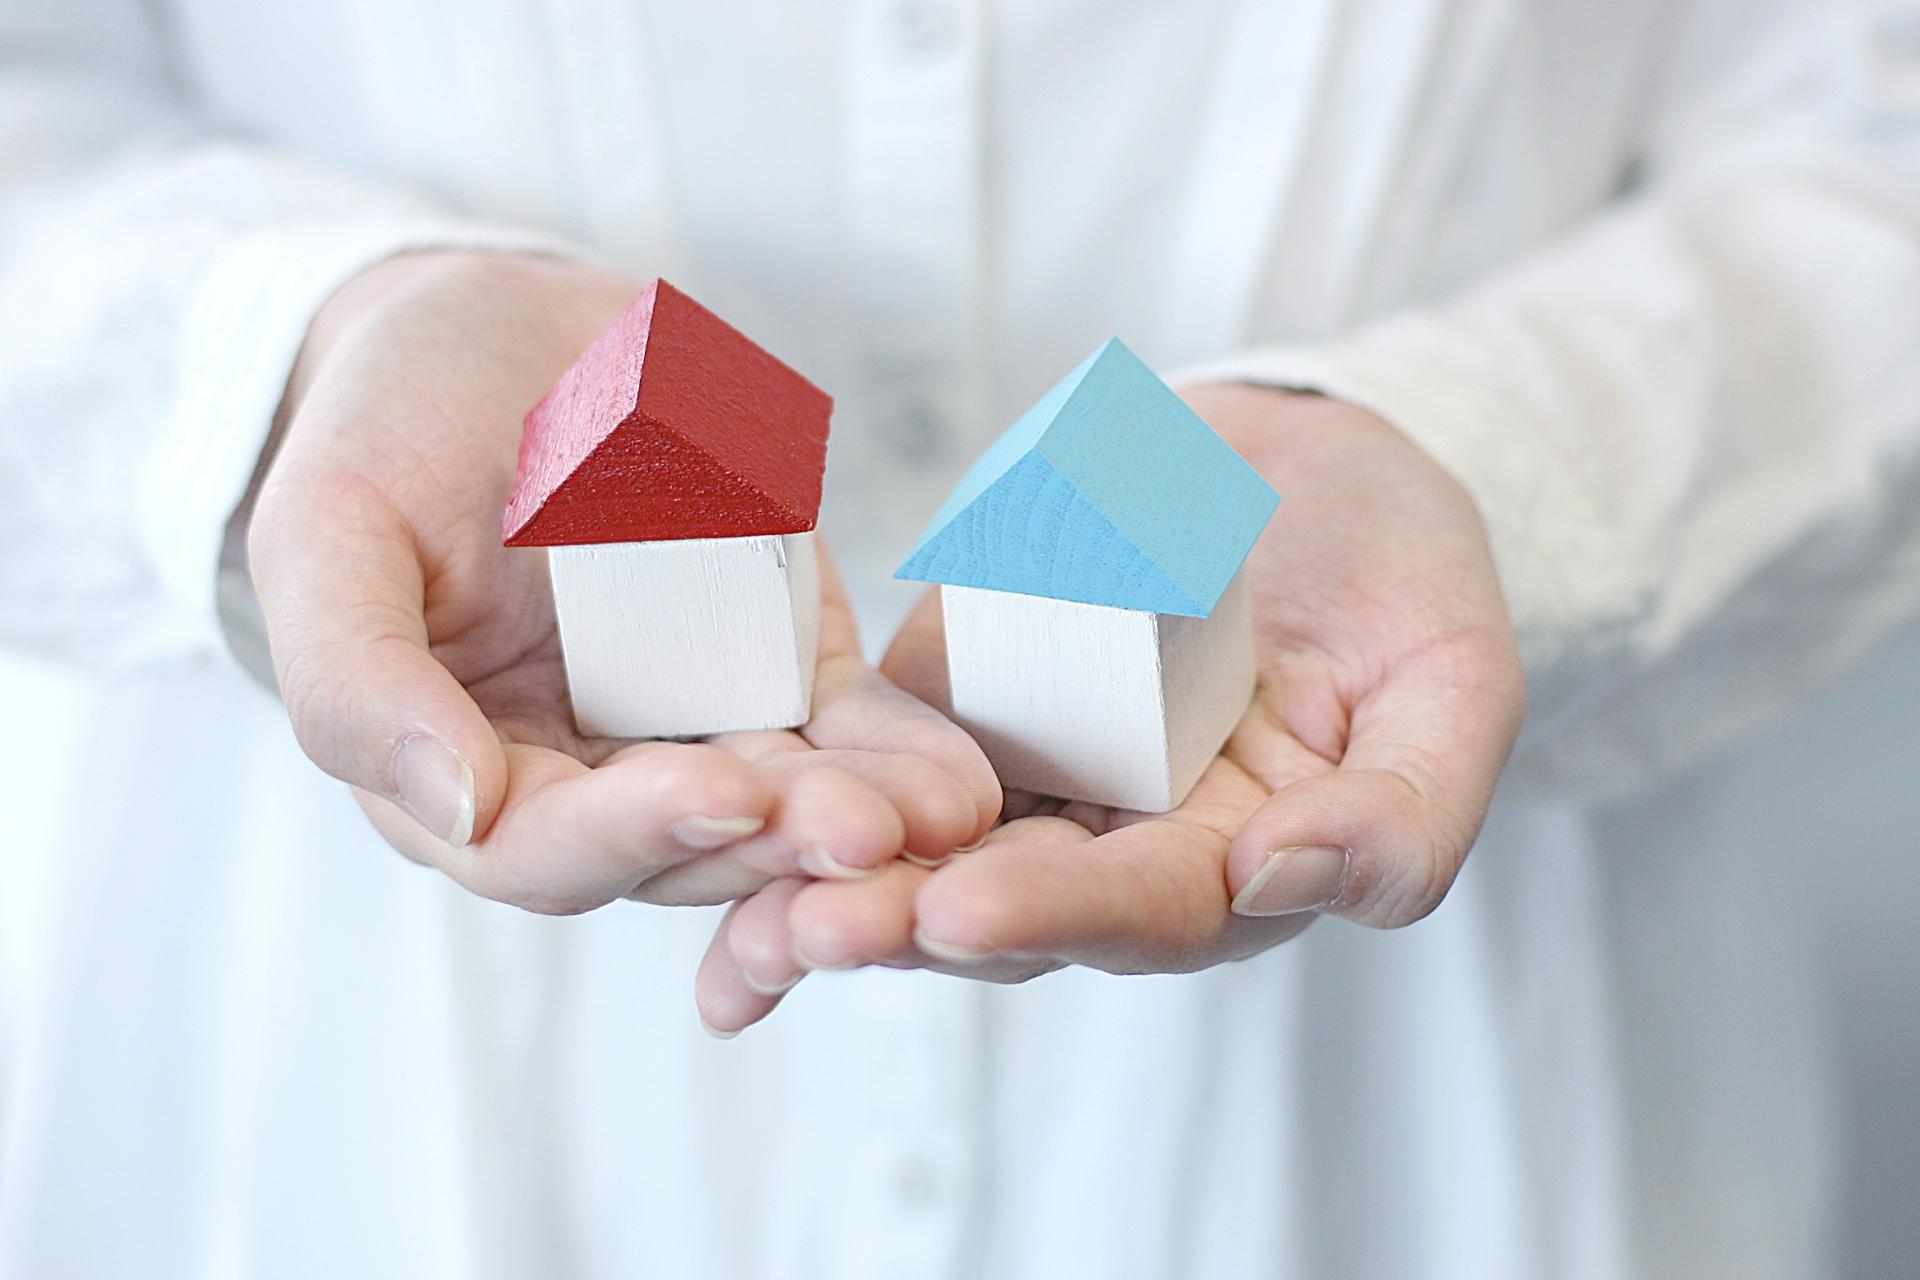 家・マンション(不動産)離婚のため売却・財産分与時のポイントなどまとめ